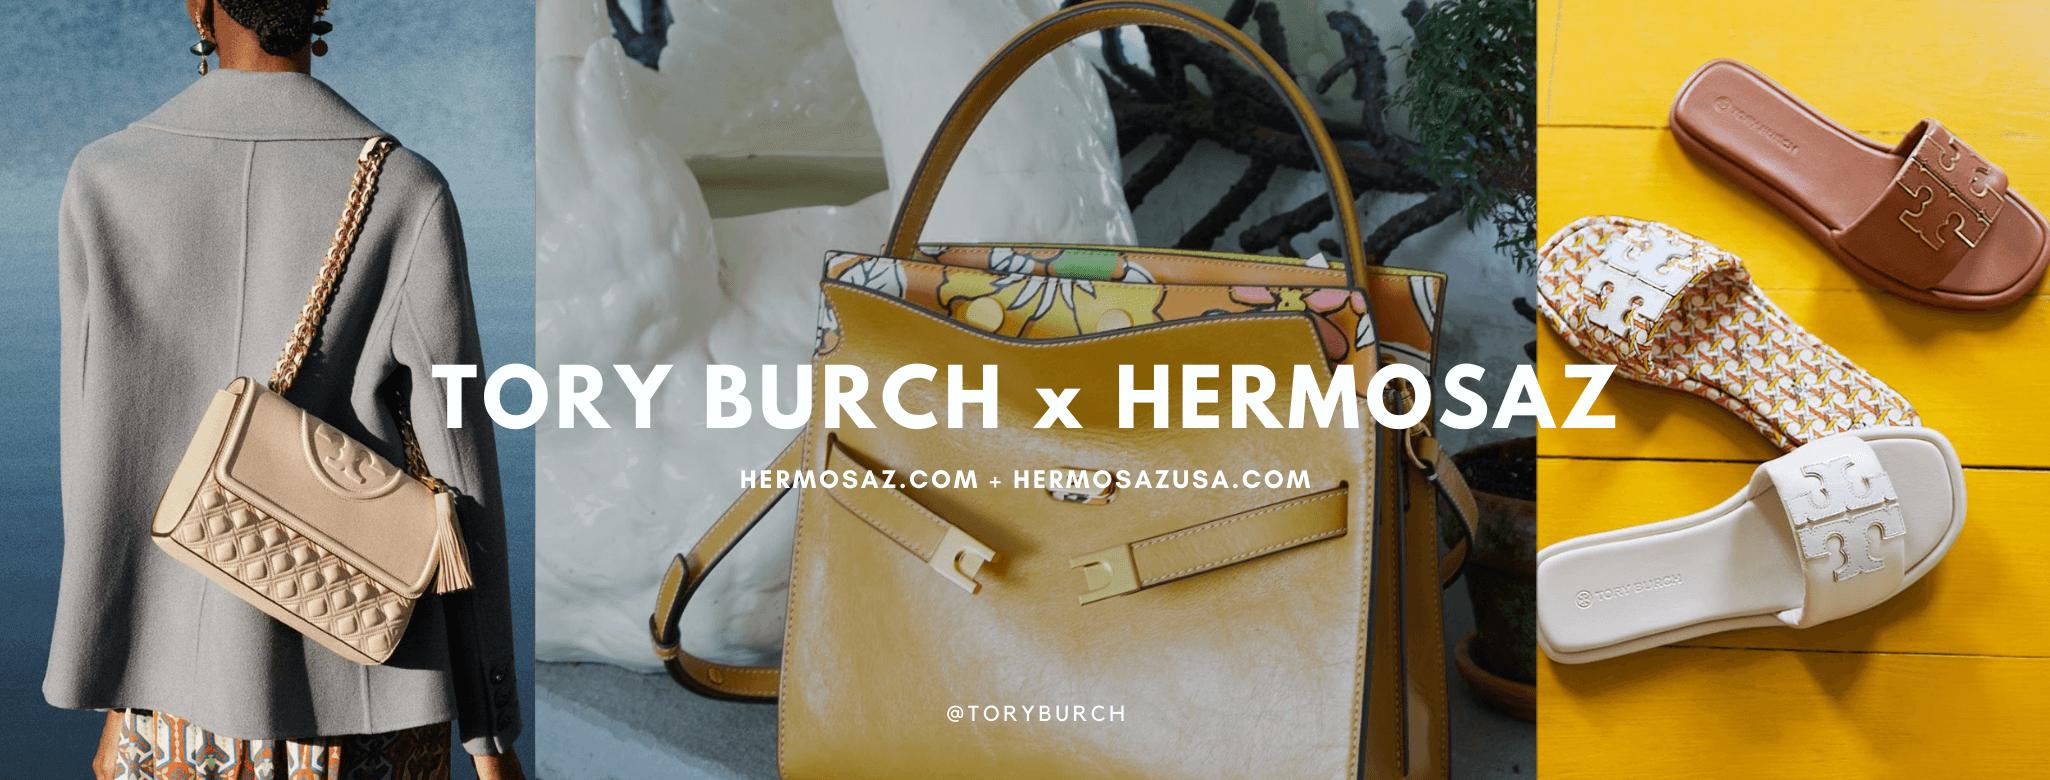 Tory Burch x Hermosaz